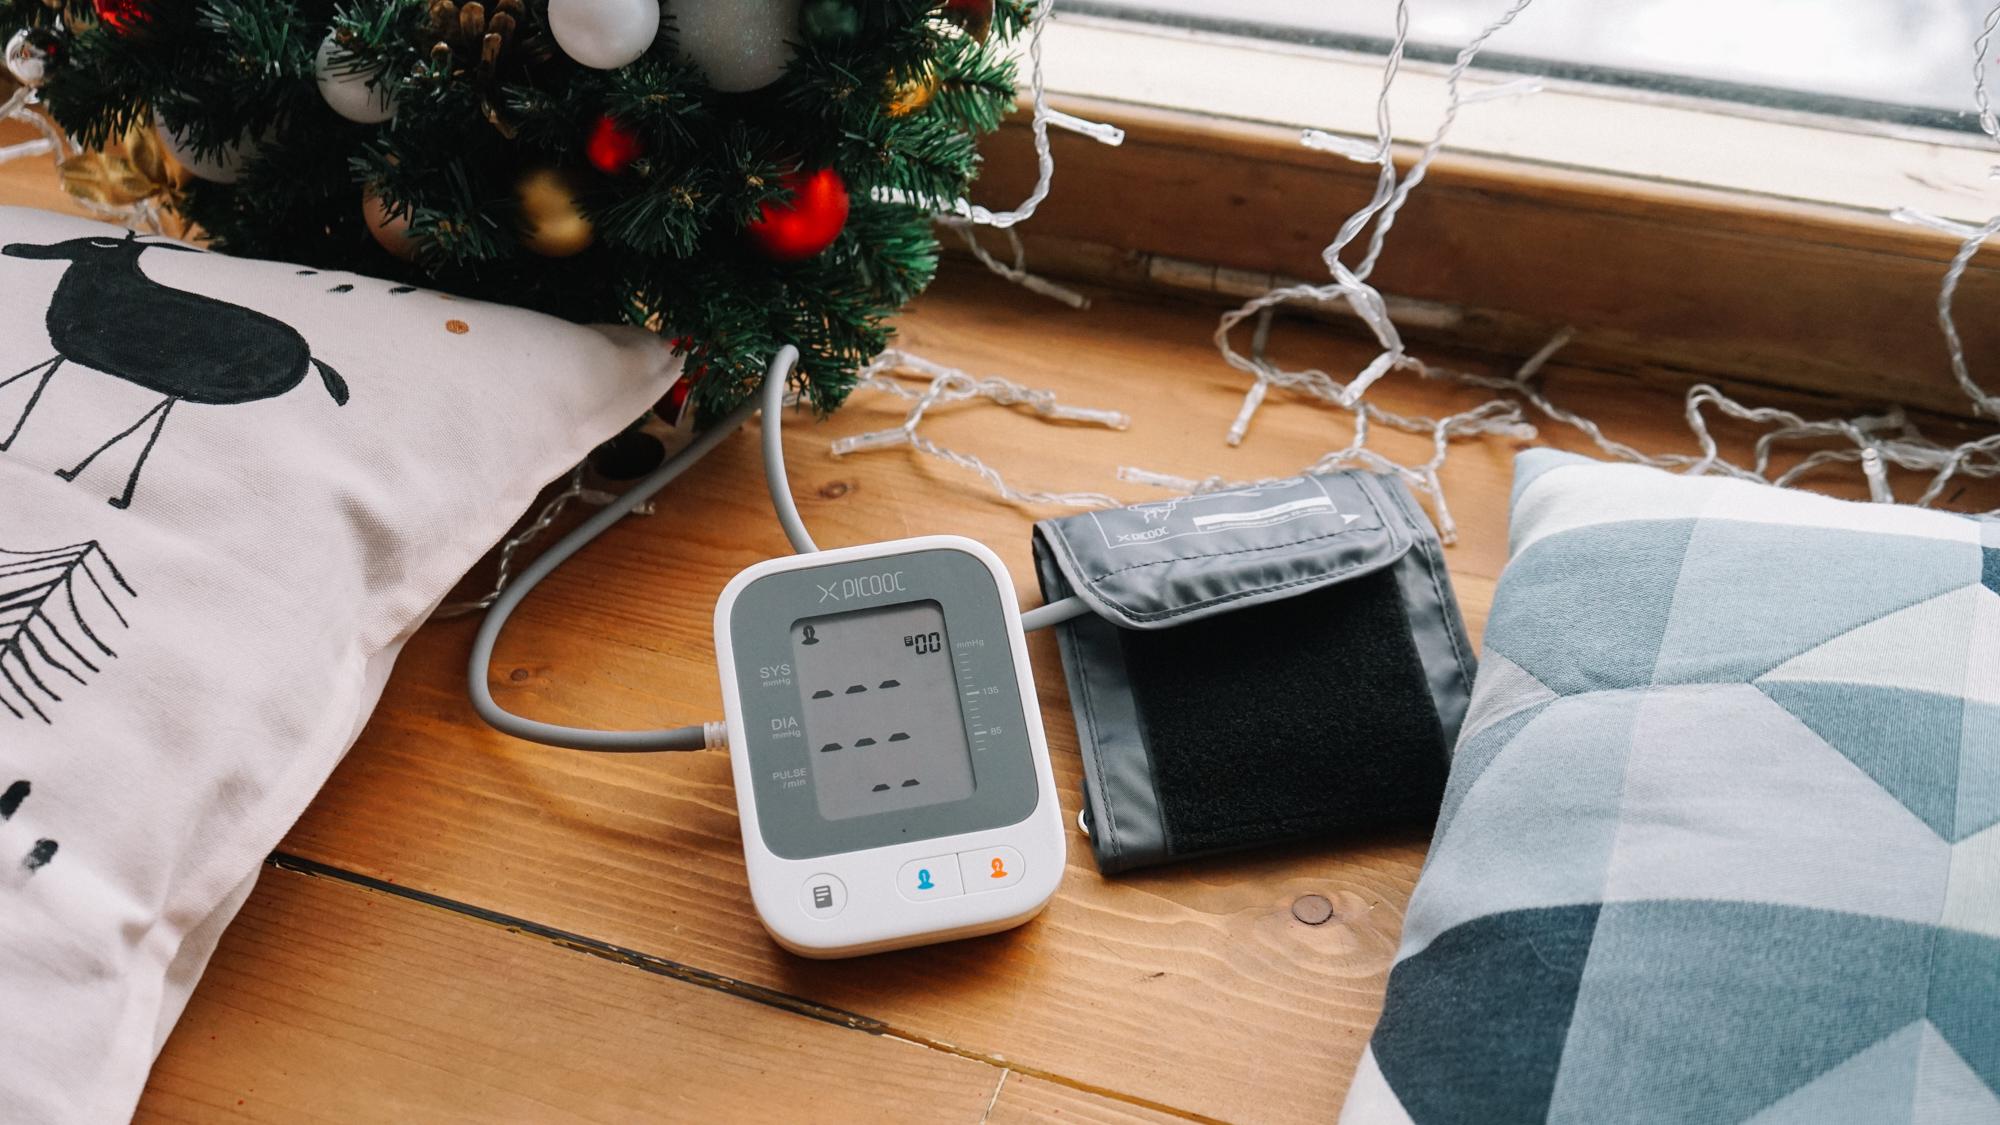 Обзор тонометра Picooc X1 Pro. Да, он умный: отправляет данные по Wi-Fi и работает с приложением для смартфона